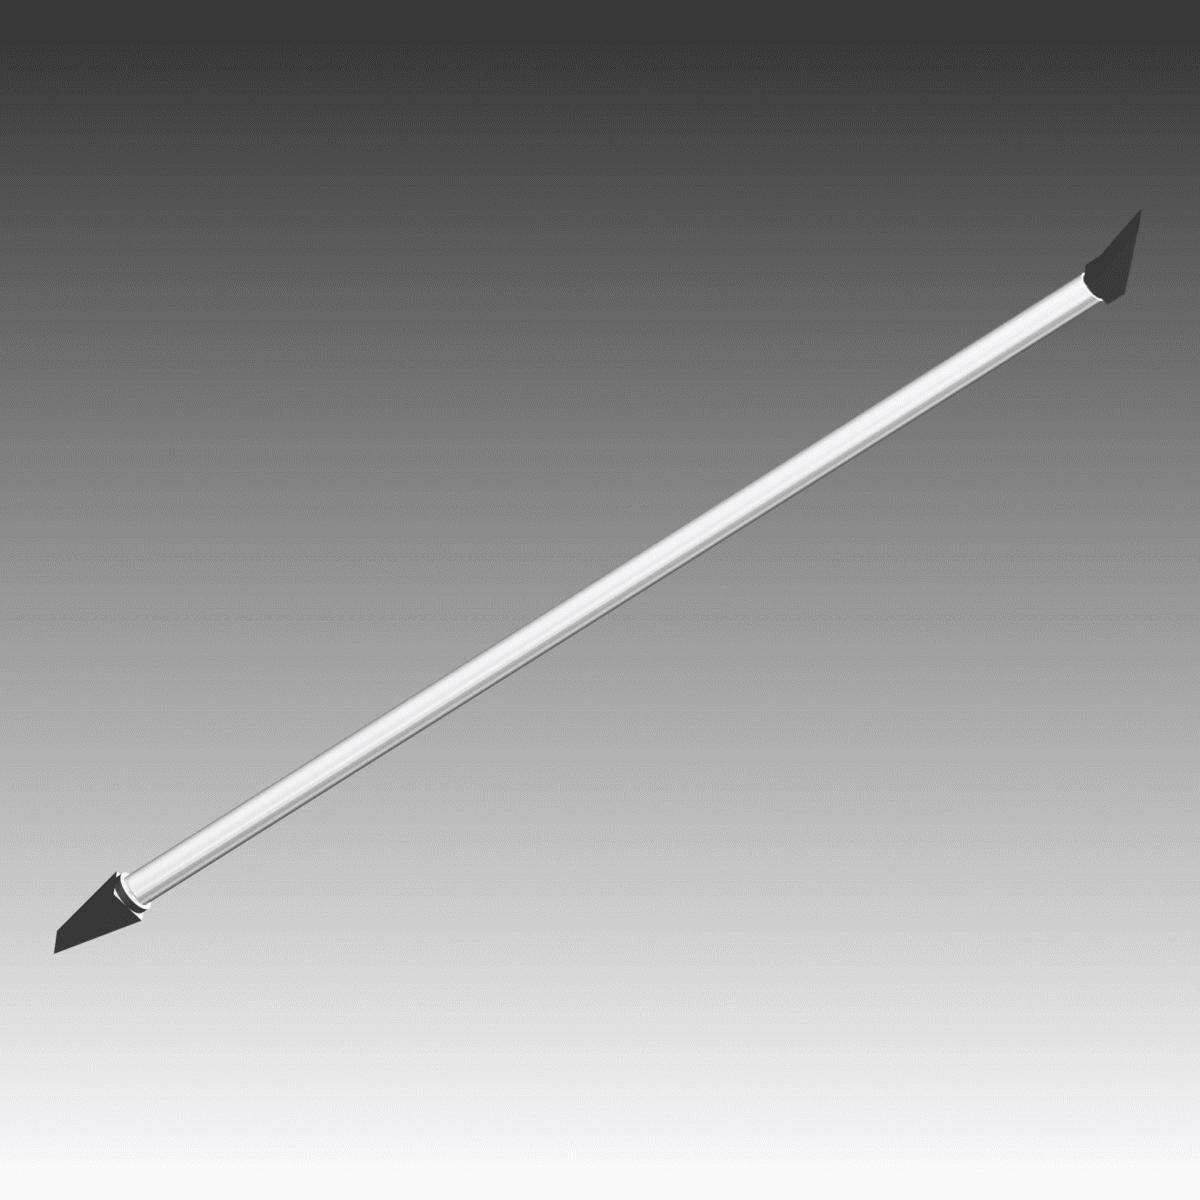 Pince ou canne à purger en aluminium pied de biche 140°